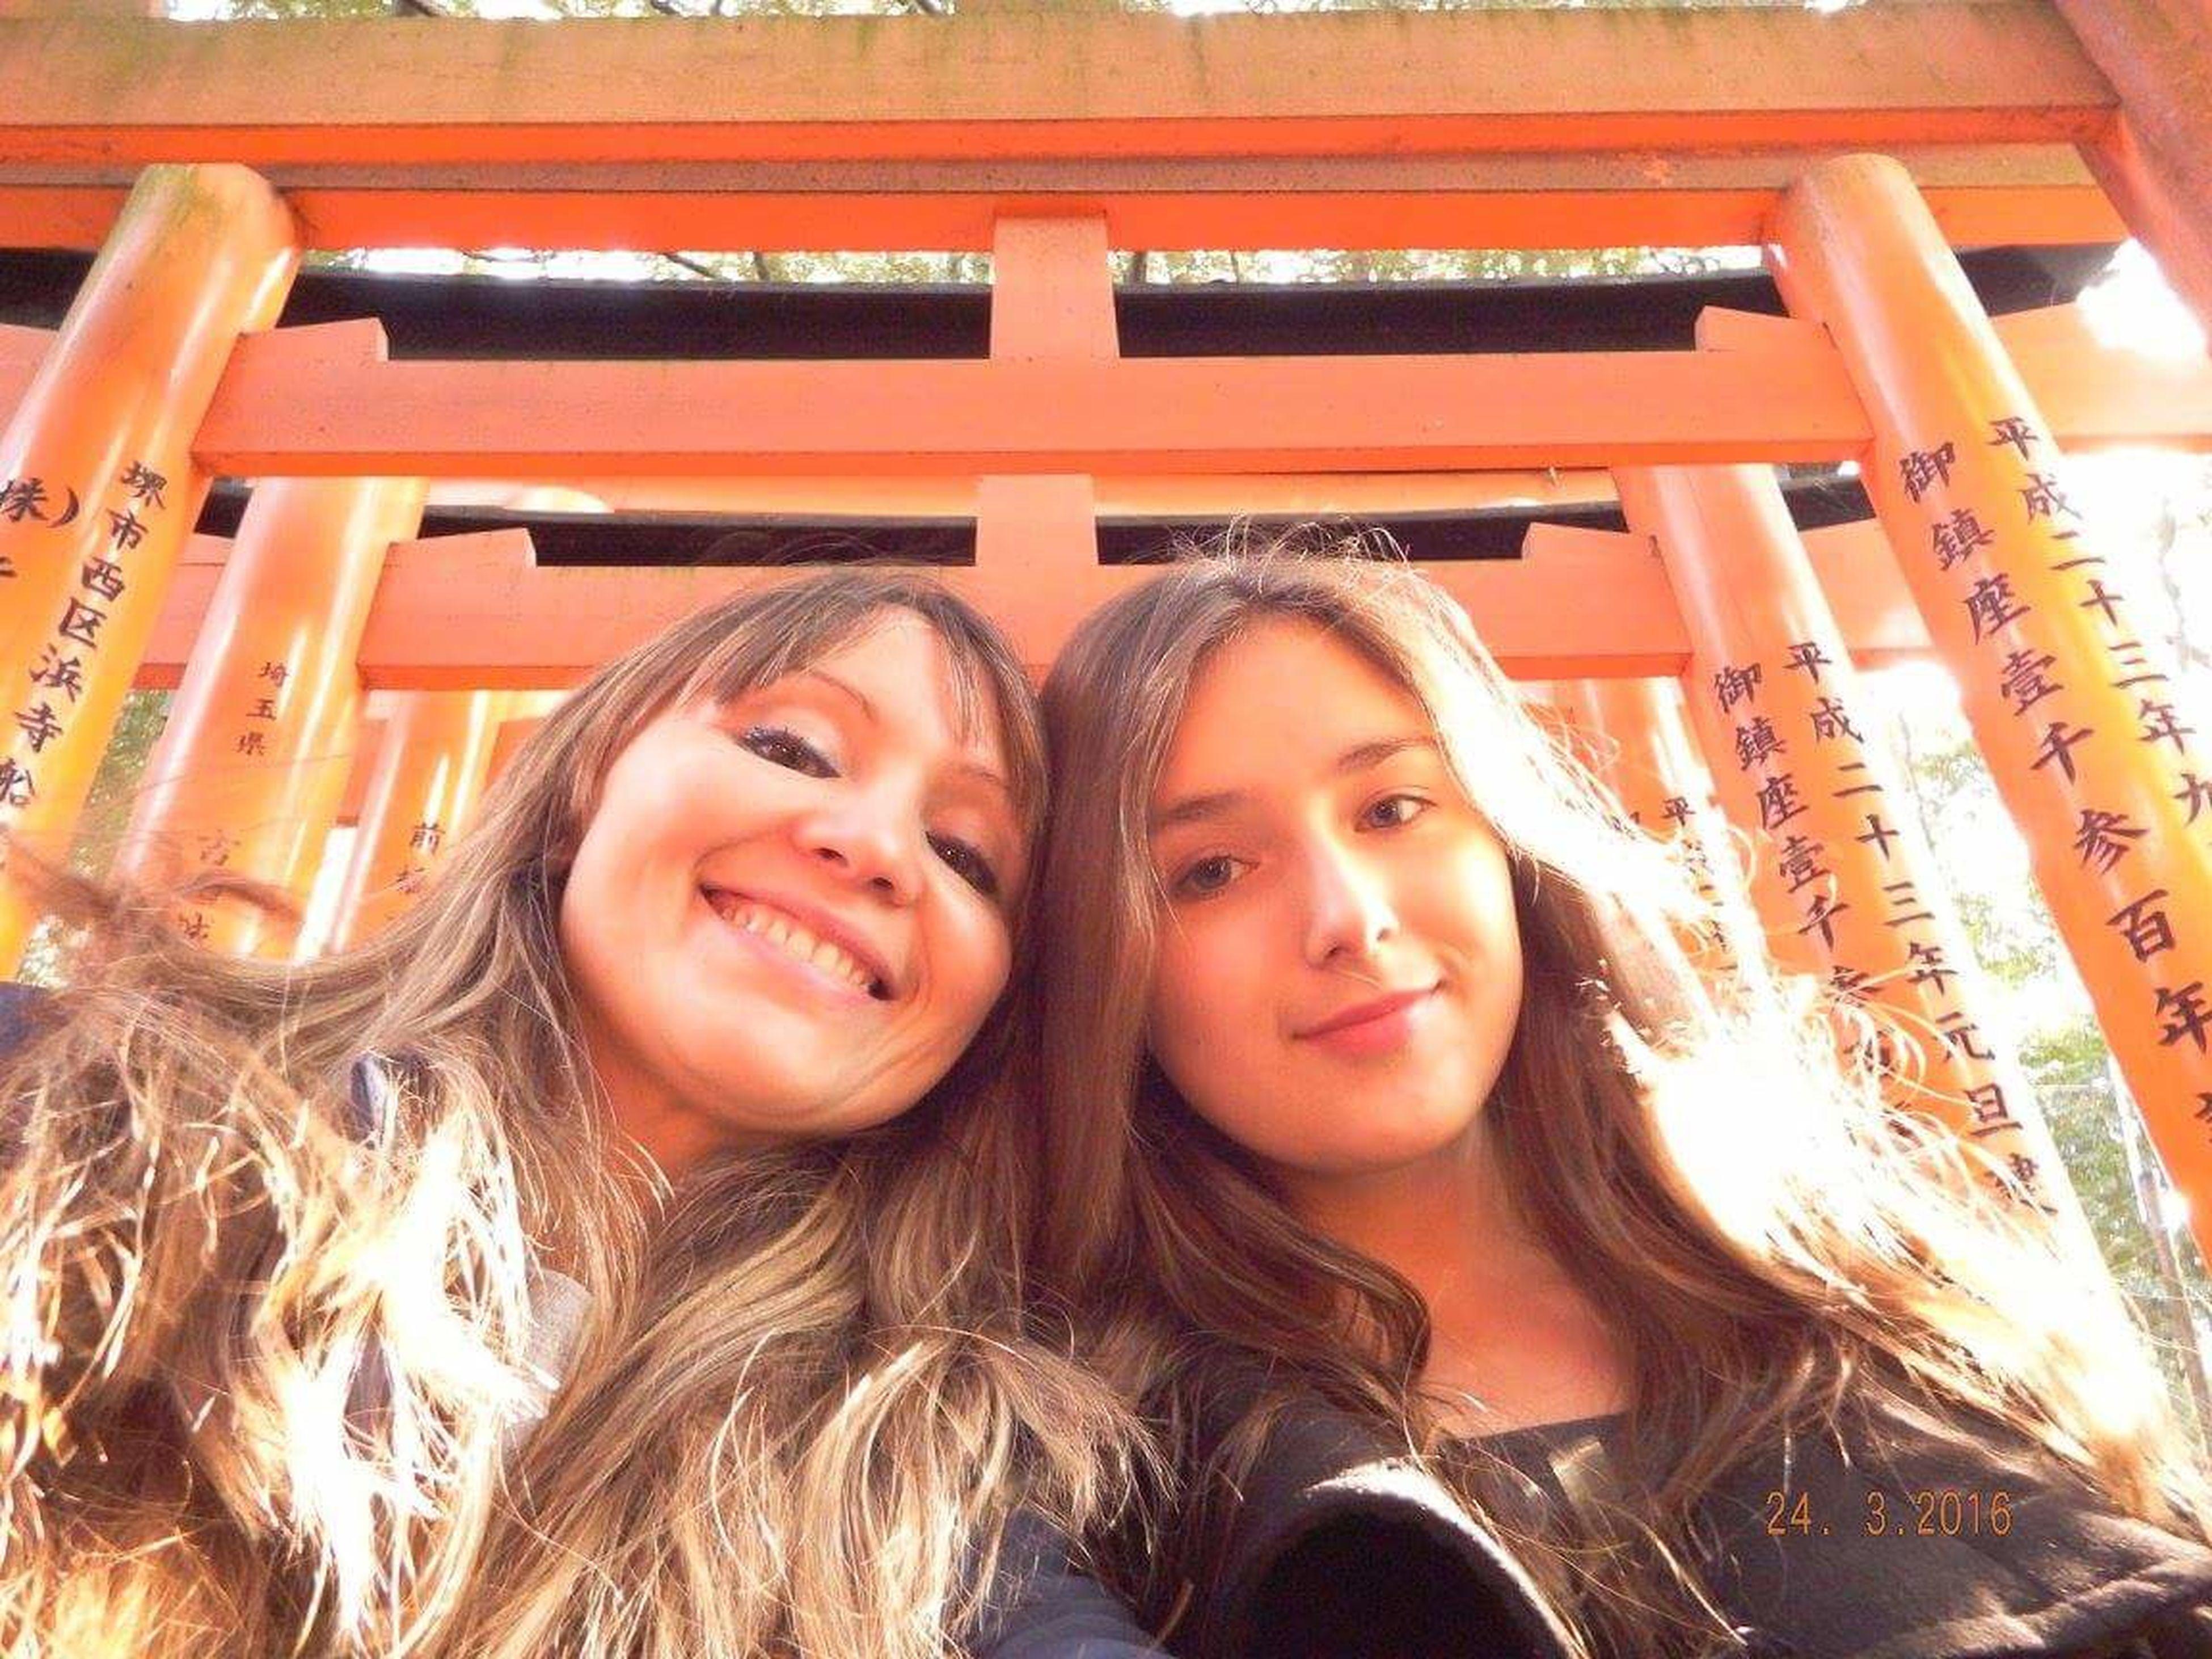 Inari taisha shrine selfie ^^ Selfie ✌ Taking Photos Japan Photography Japan Kyoto Kyoto,japan Kyoto Inari Shrine Inari-jinjya Shrine Selfies